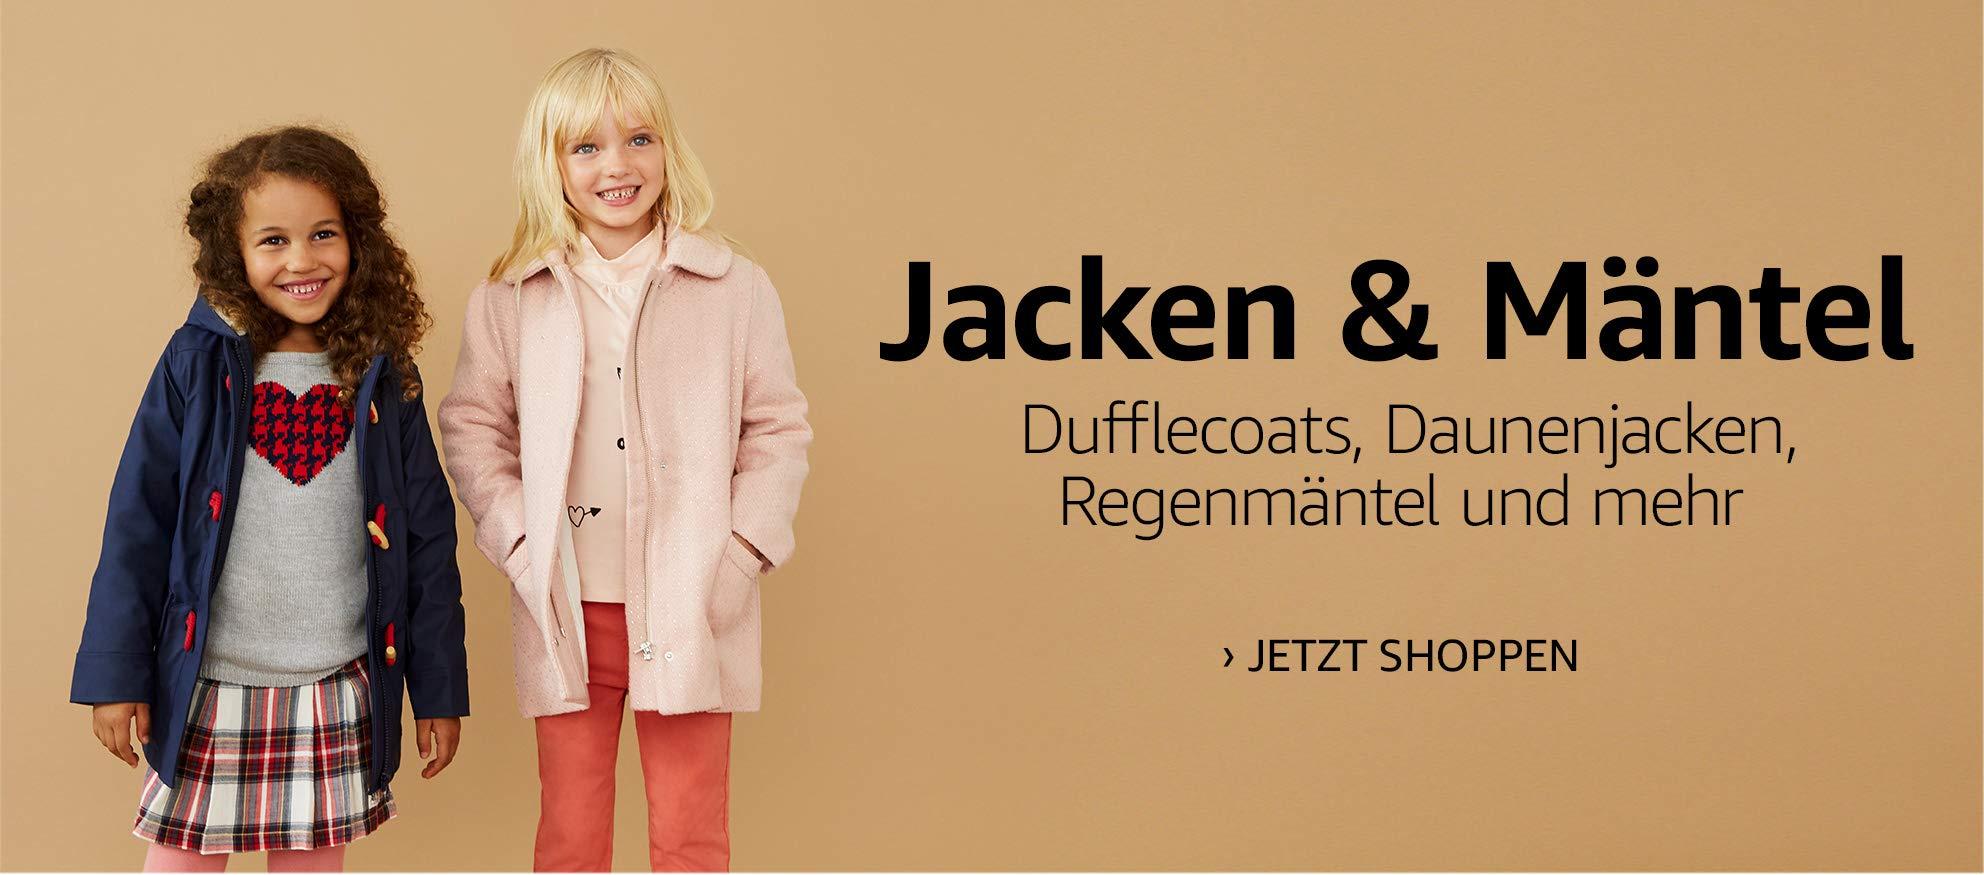 JACKEN & MÄNTEL